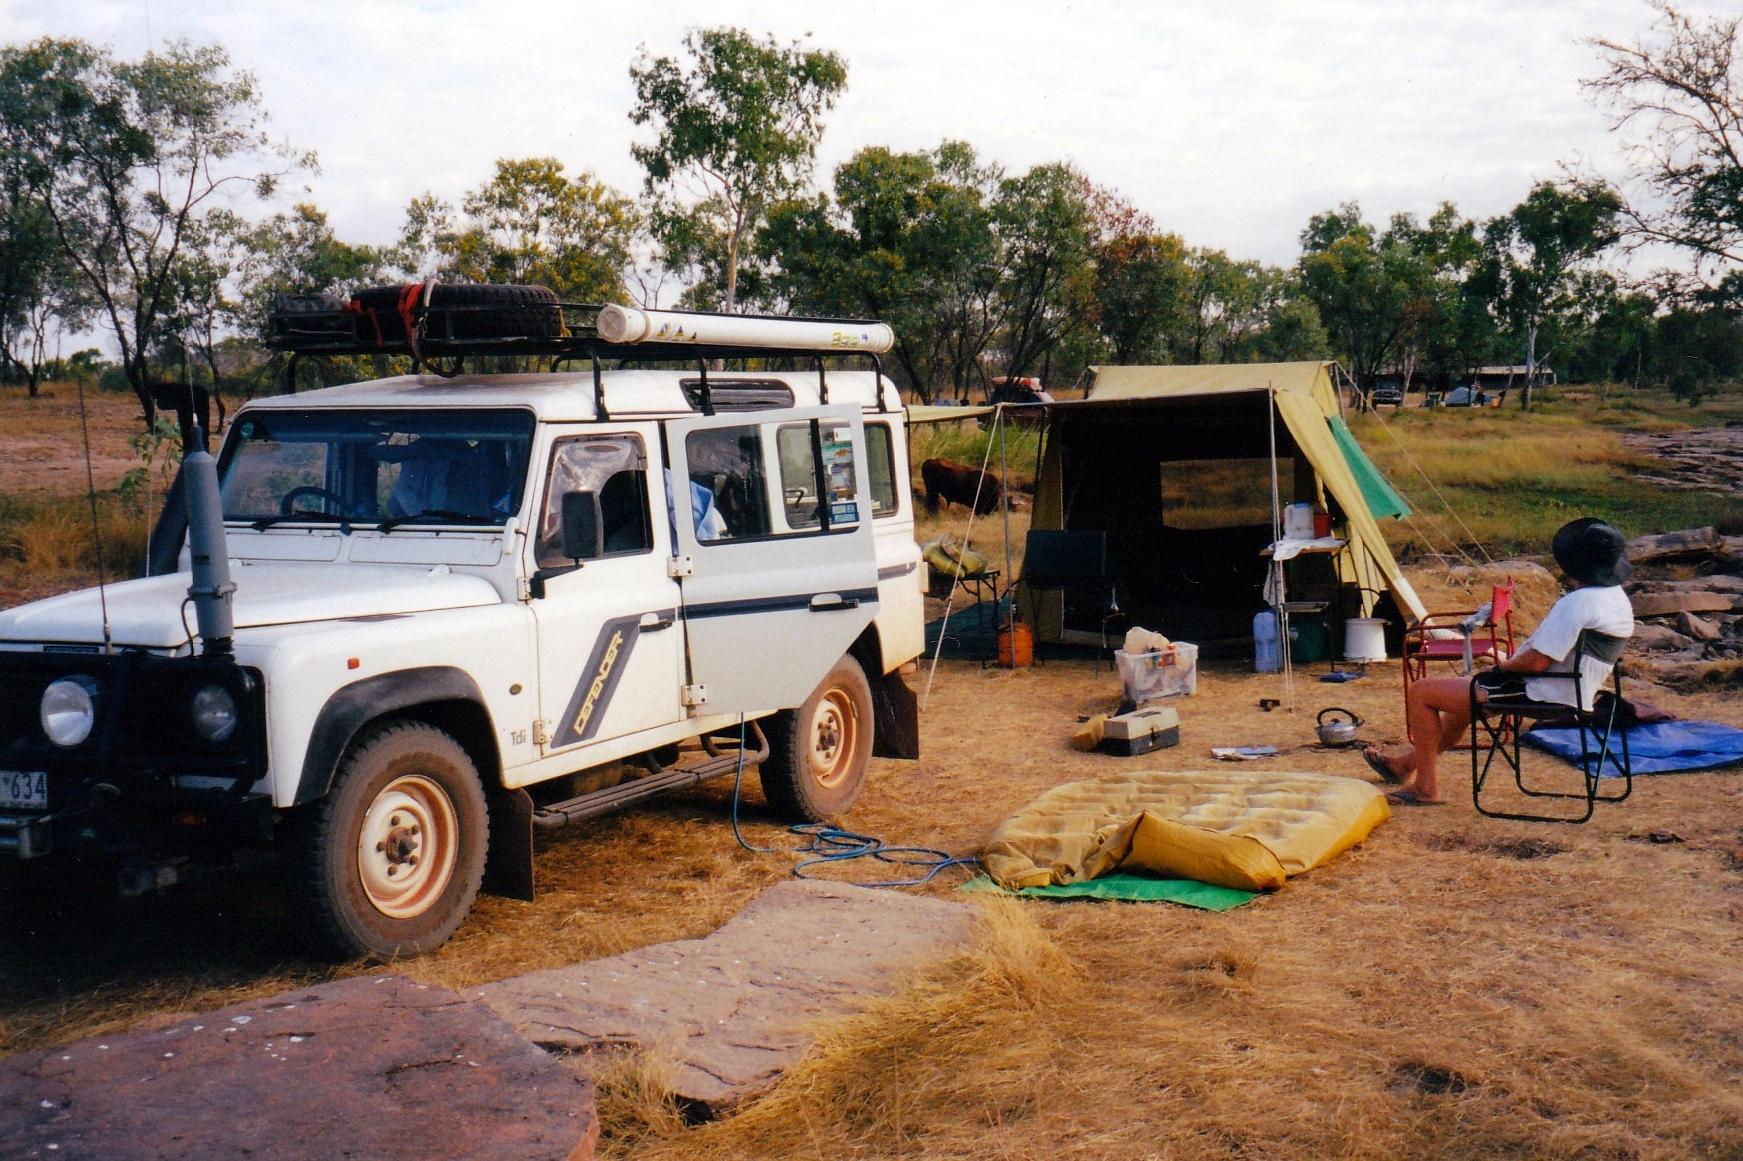 07-14-2000 16 camp and home jacks